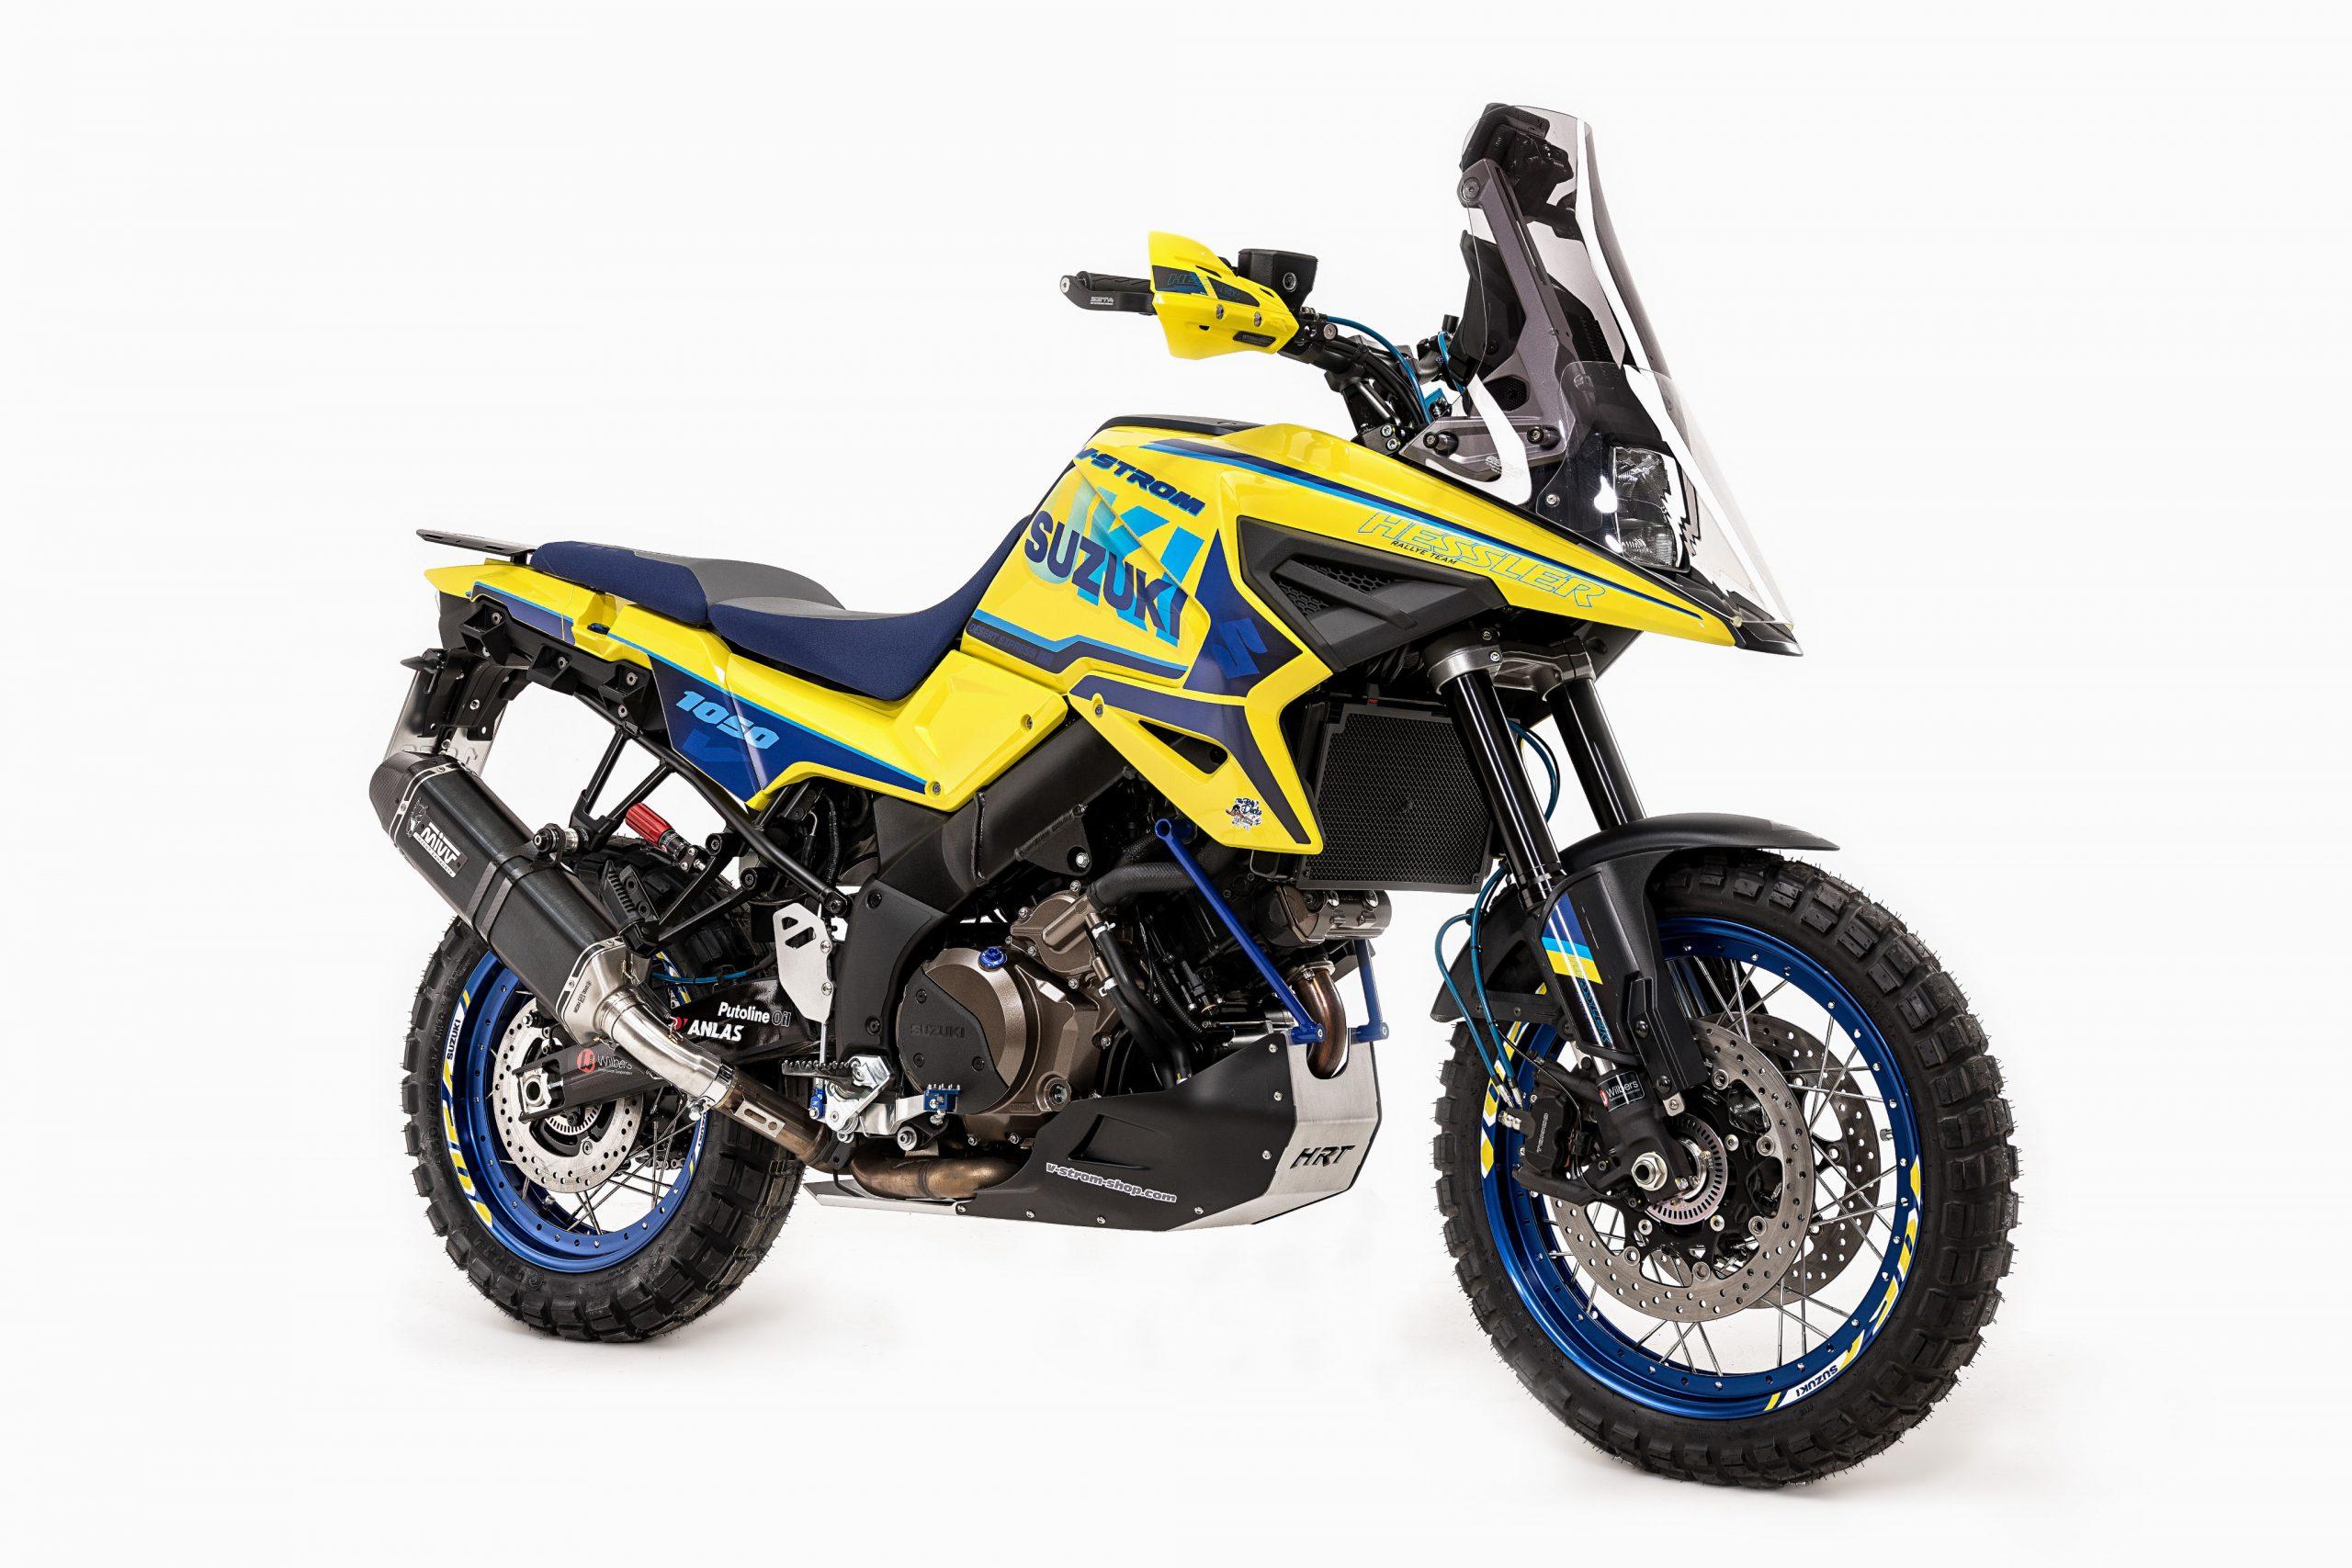 Hessler 2020 Suzuki V-Strom 1050 XT